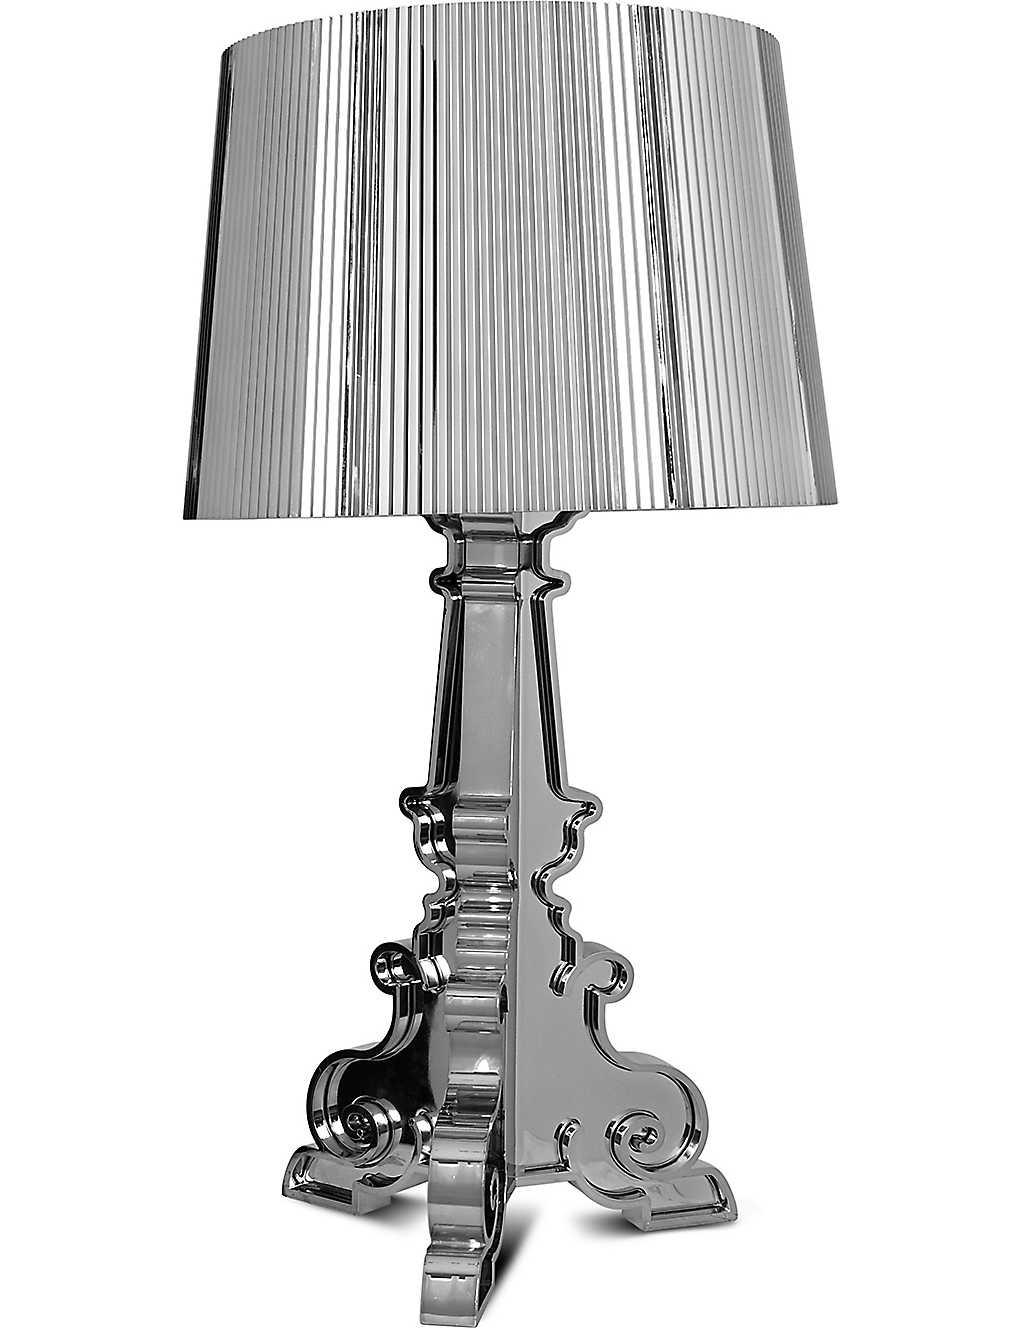 KARTELL Kartell bourgie table lamp chrome |